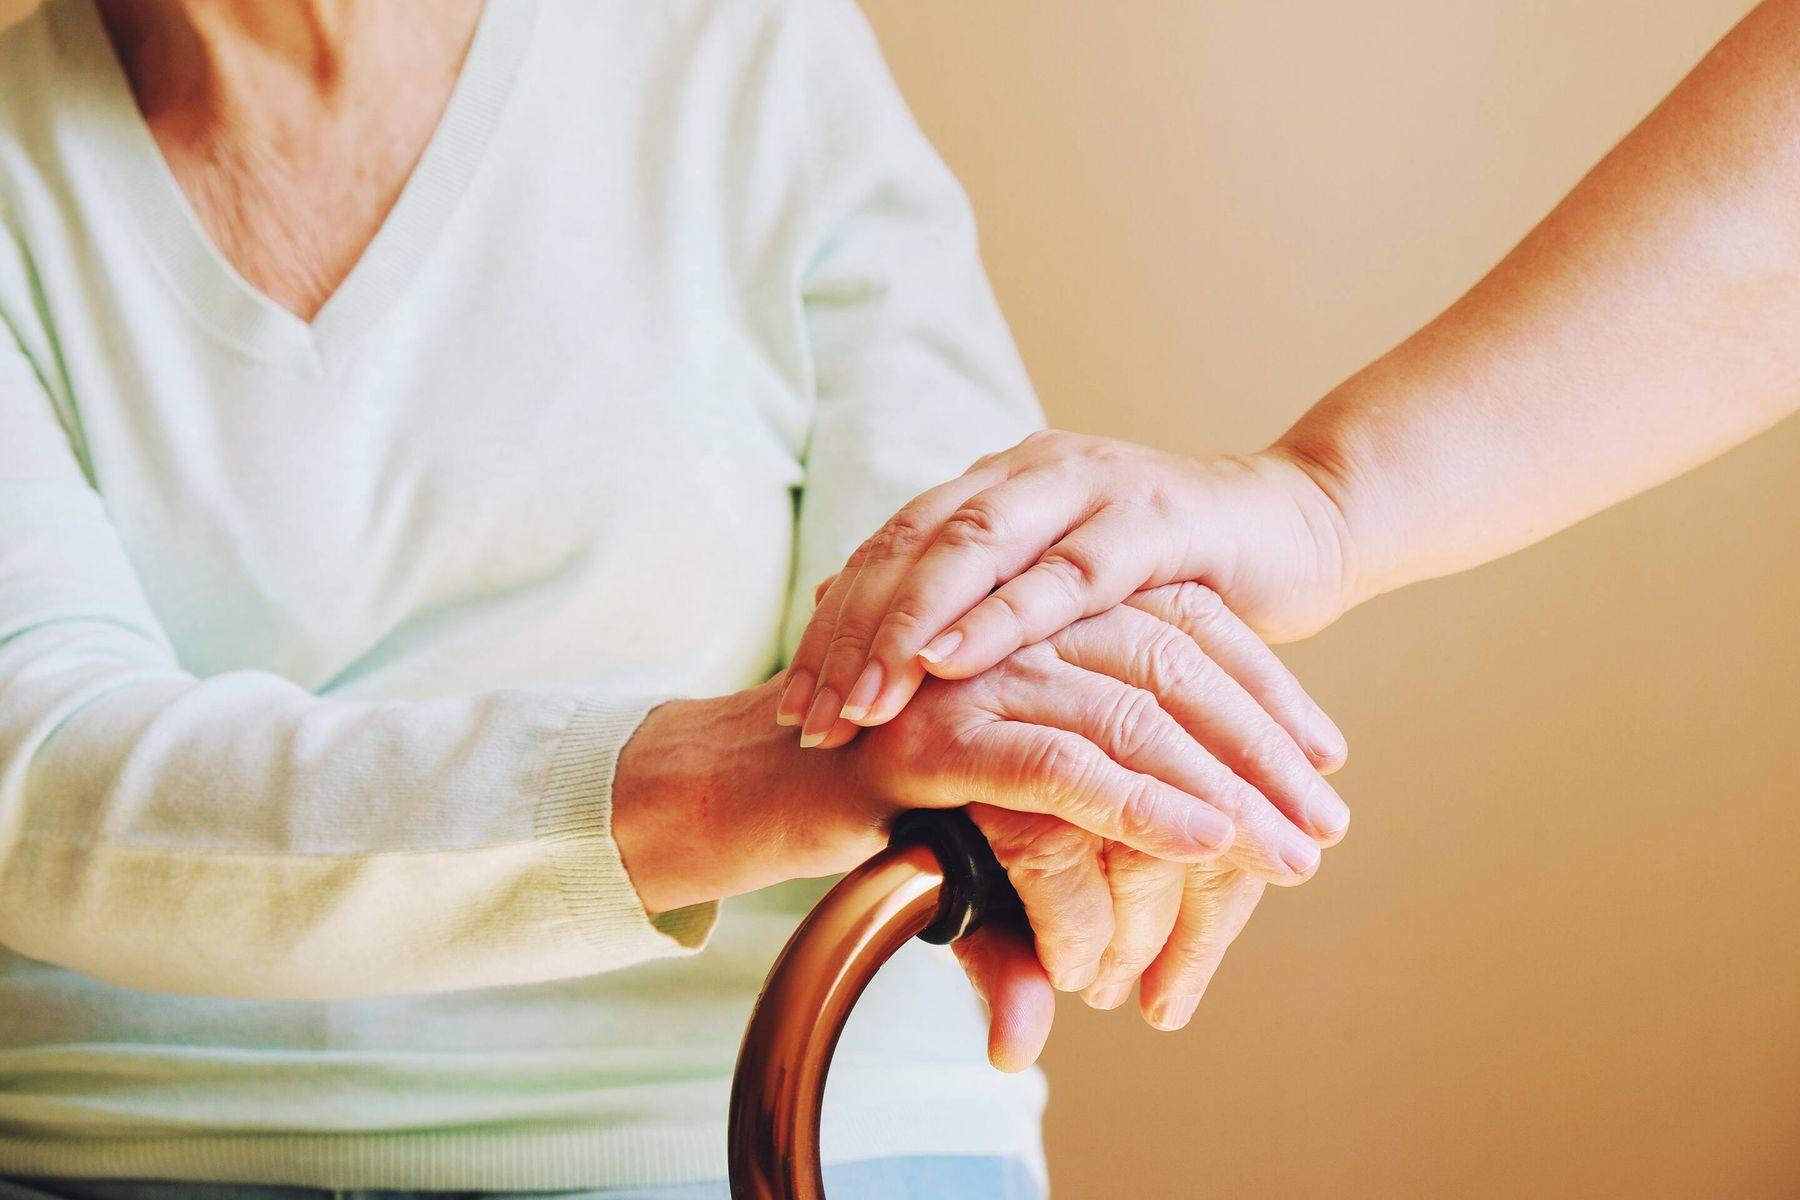 अपने घर के बड़े-बुज़ुर्गों को संक्रमण से कैसे बचाएं | क्लीएनीपीडिया